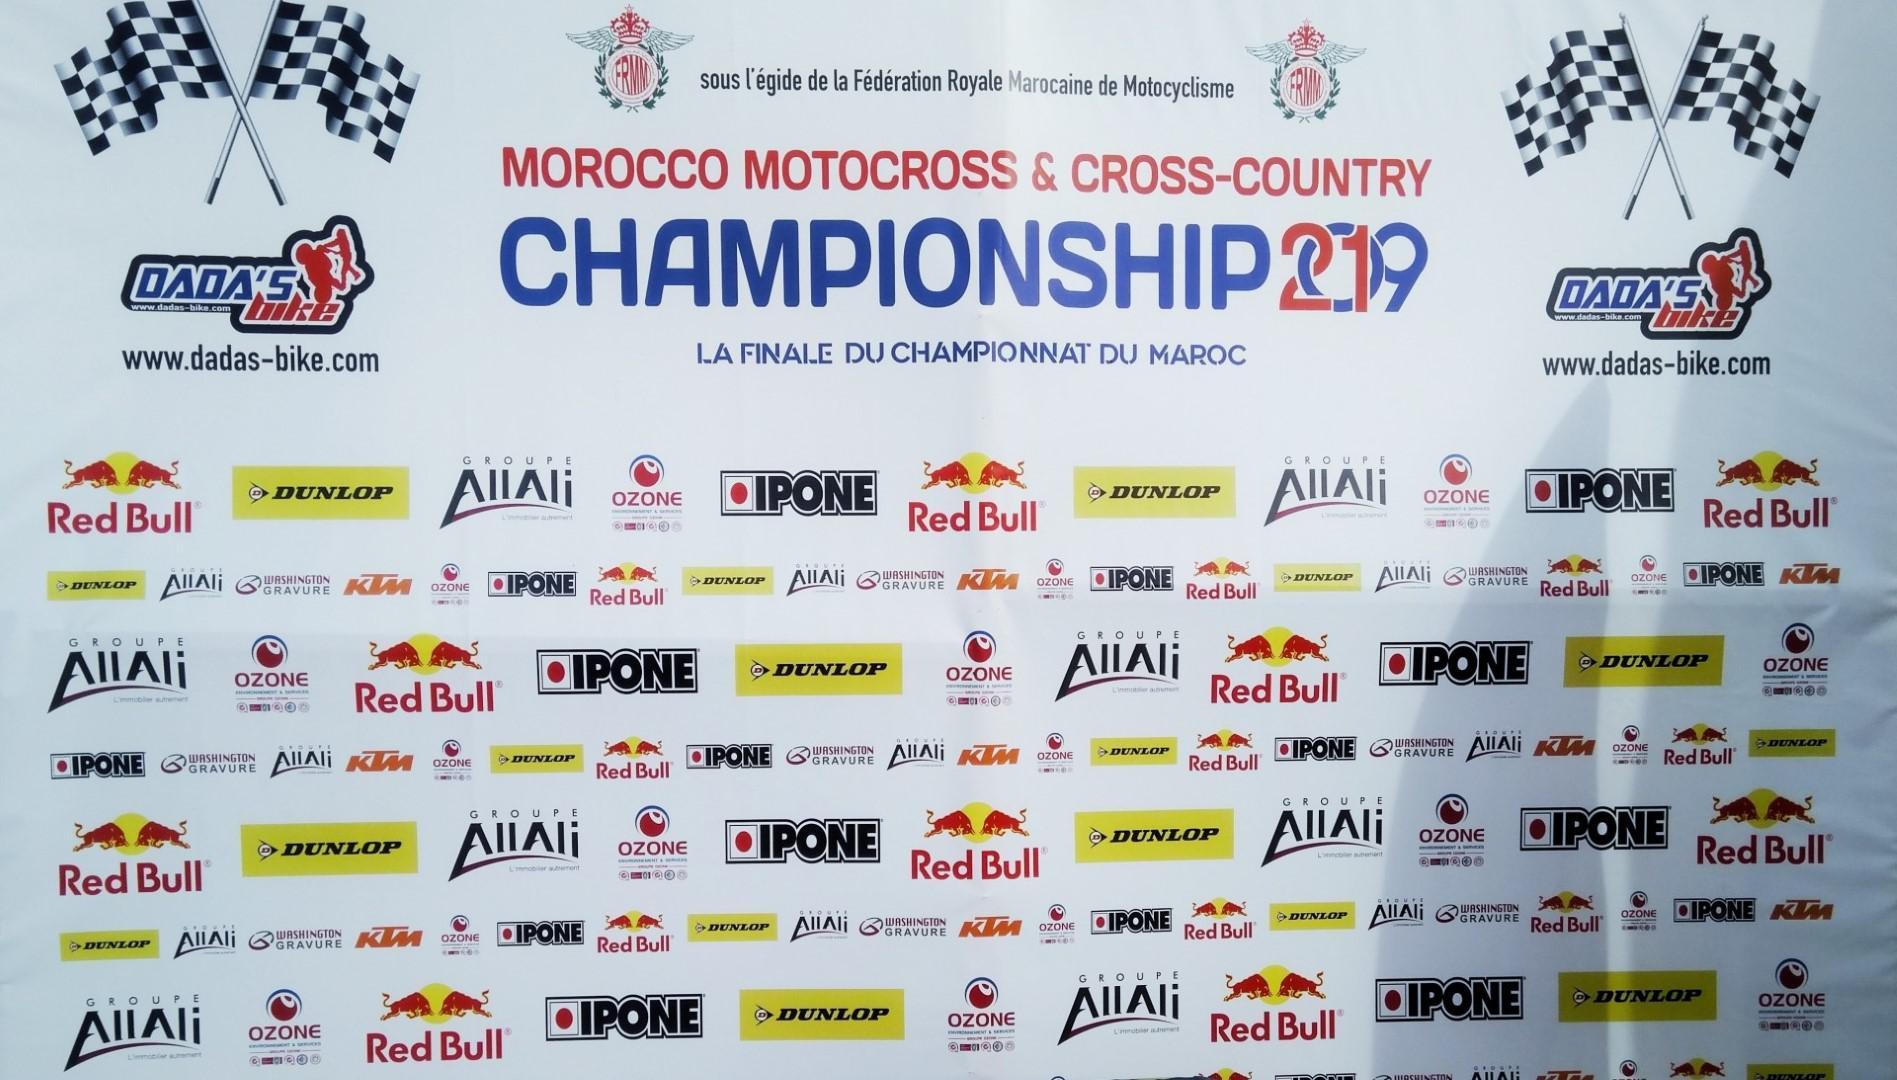 Finale du championnat du Maroc de Motocross et Cross-Country